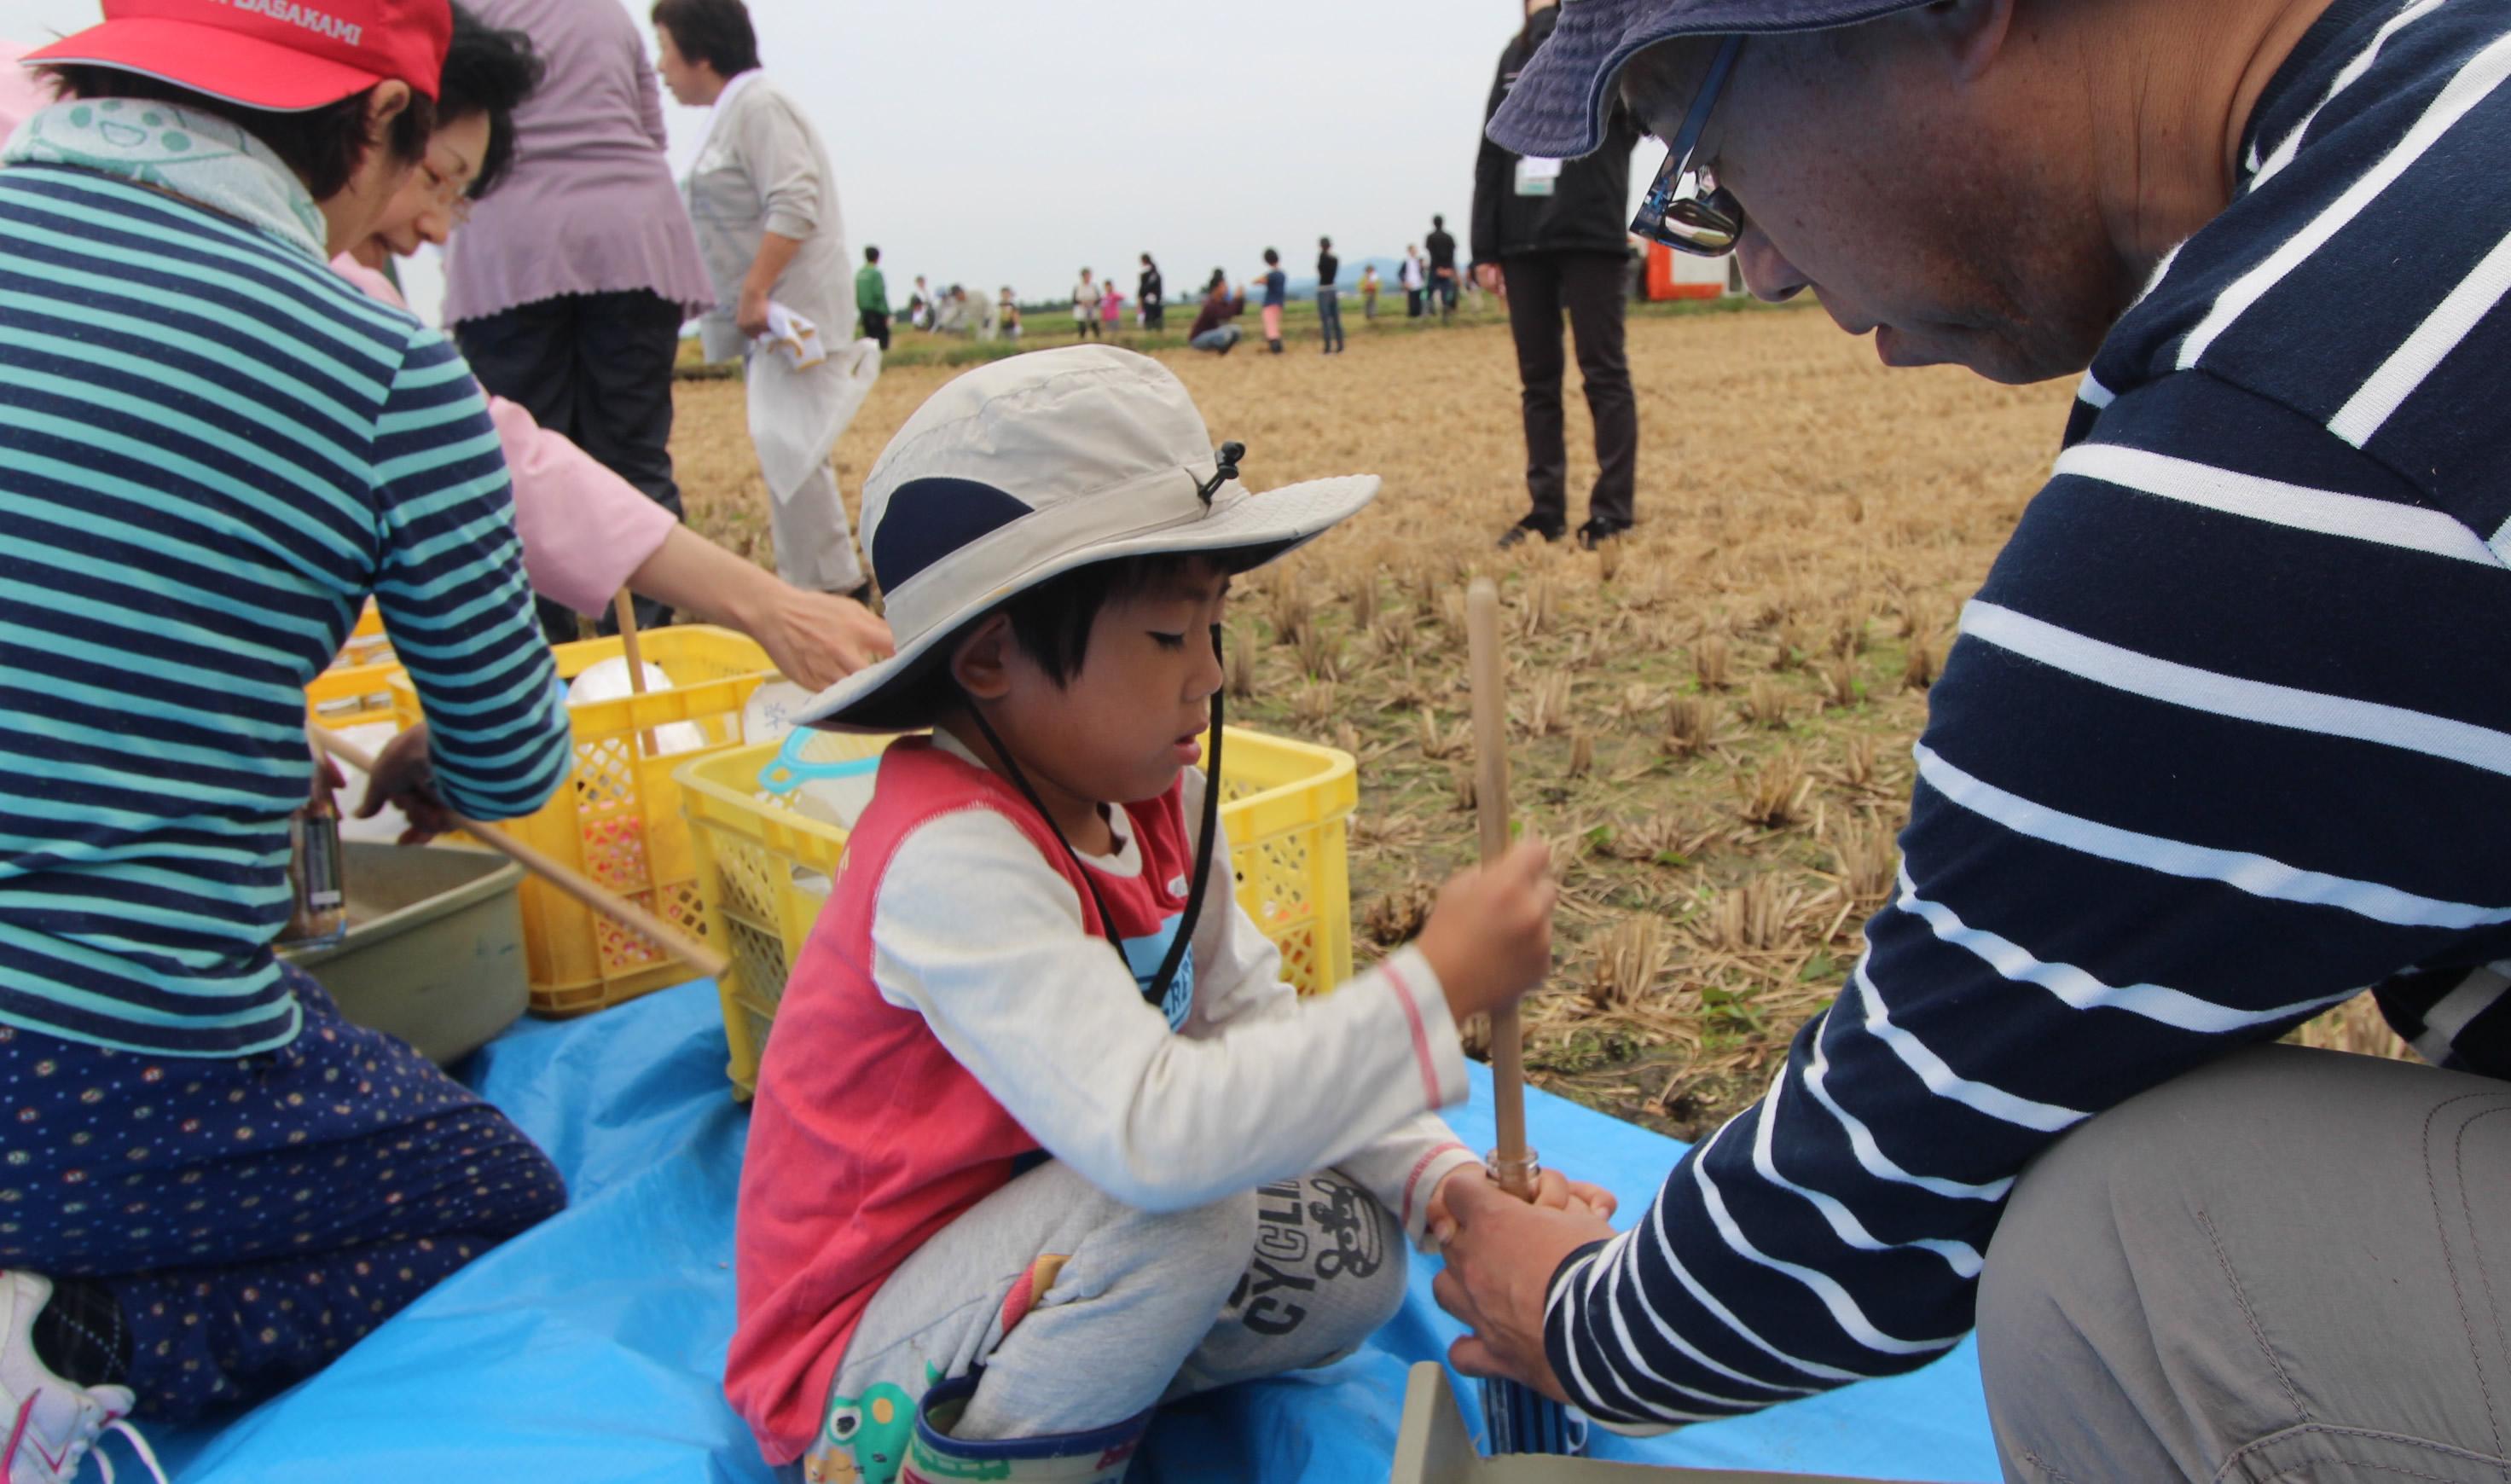 刈り取り後は、稲が白米になる過程を学ぶ「お米のべんきょう」。びんに入れた米を棒でついて精米する昔ながらのやり方も体験!